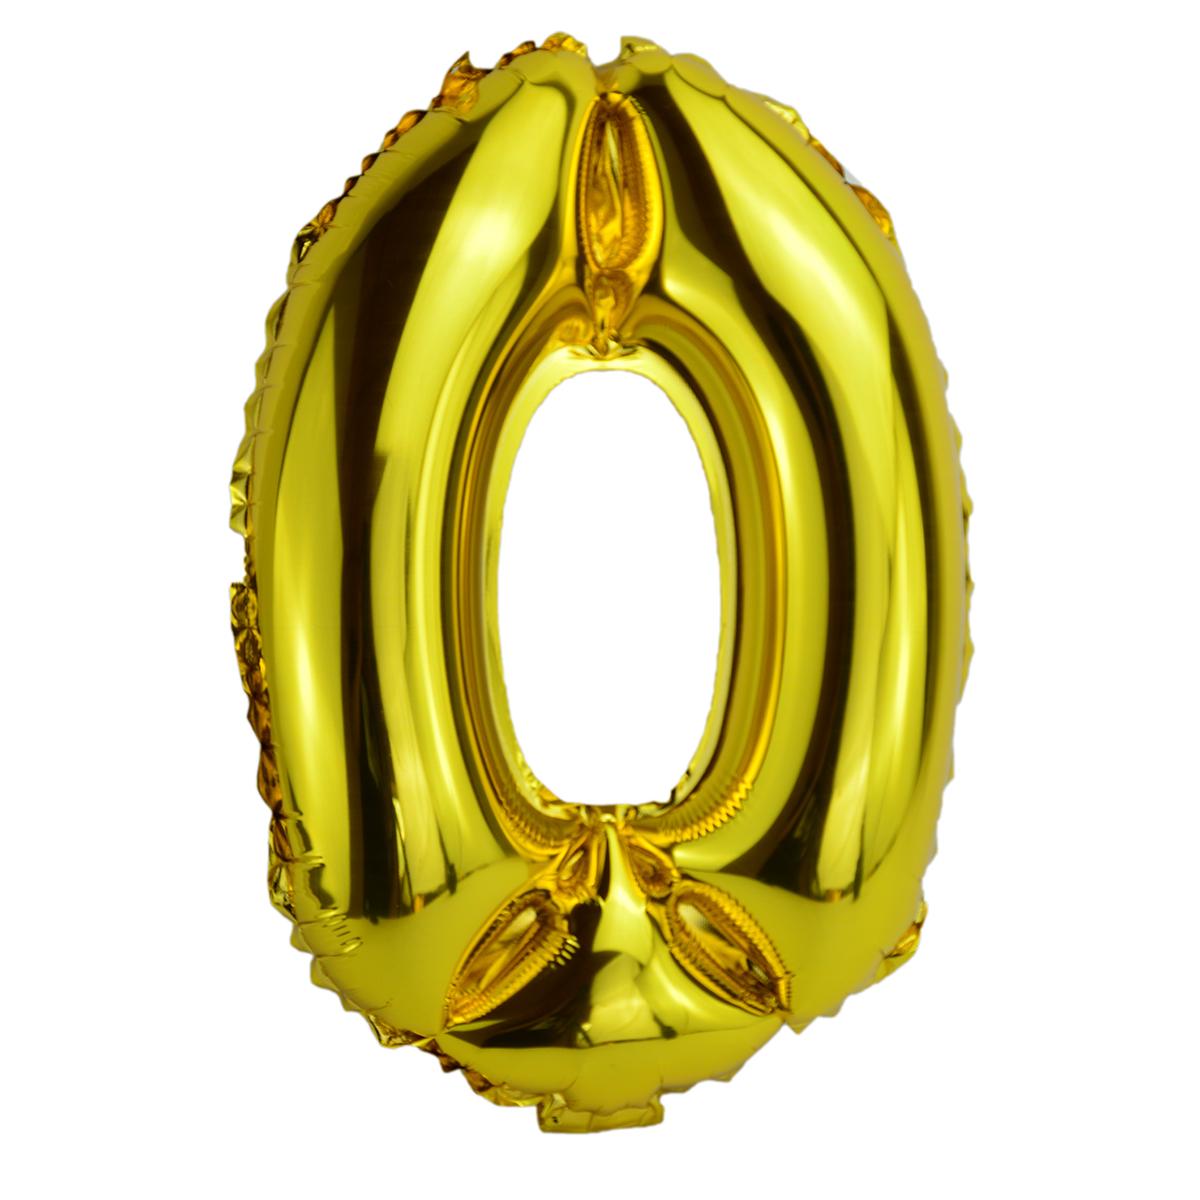 Balon Folie 35cm Cifra 0 - Auriu